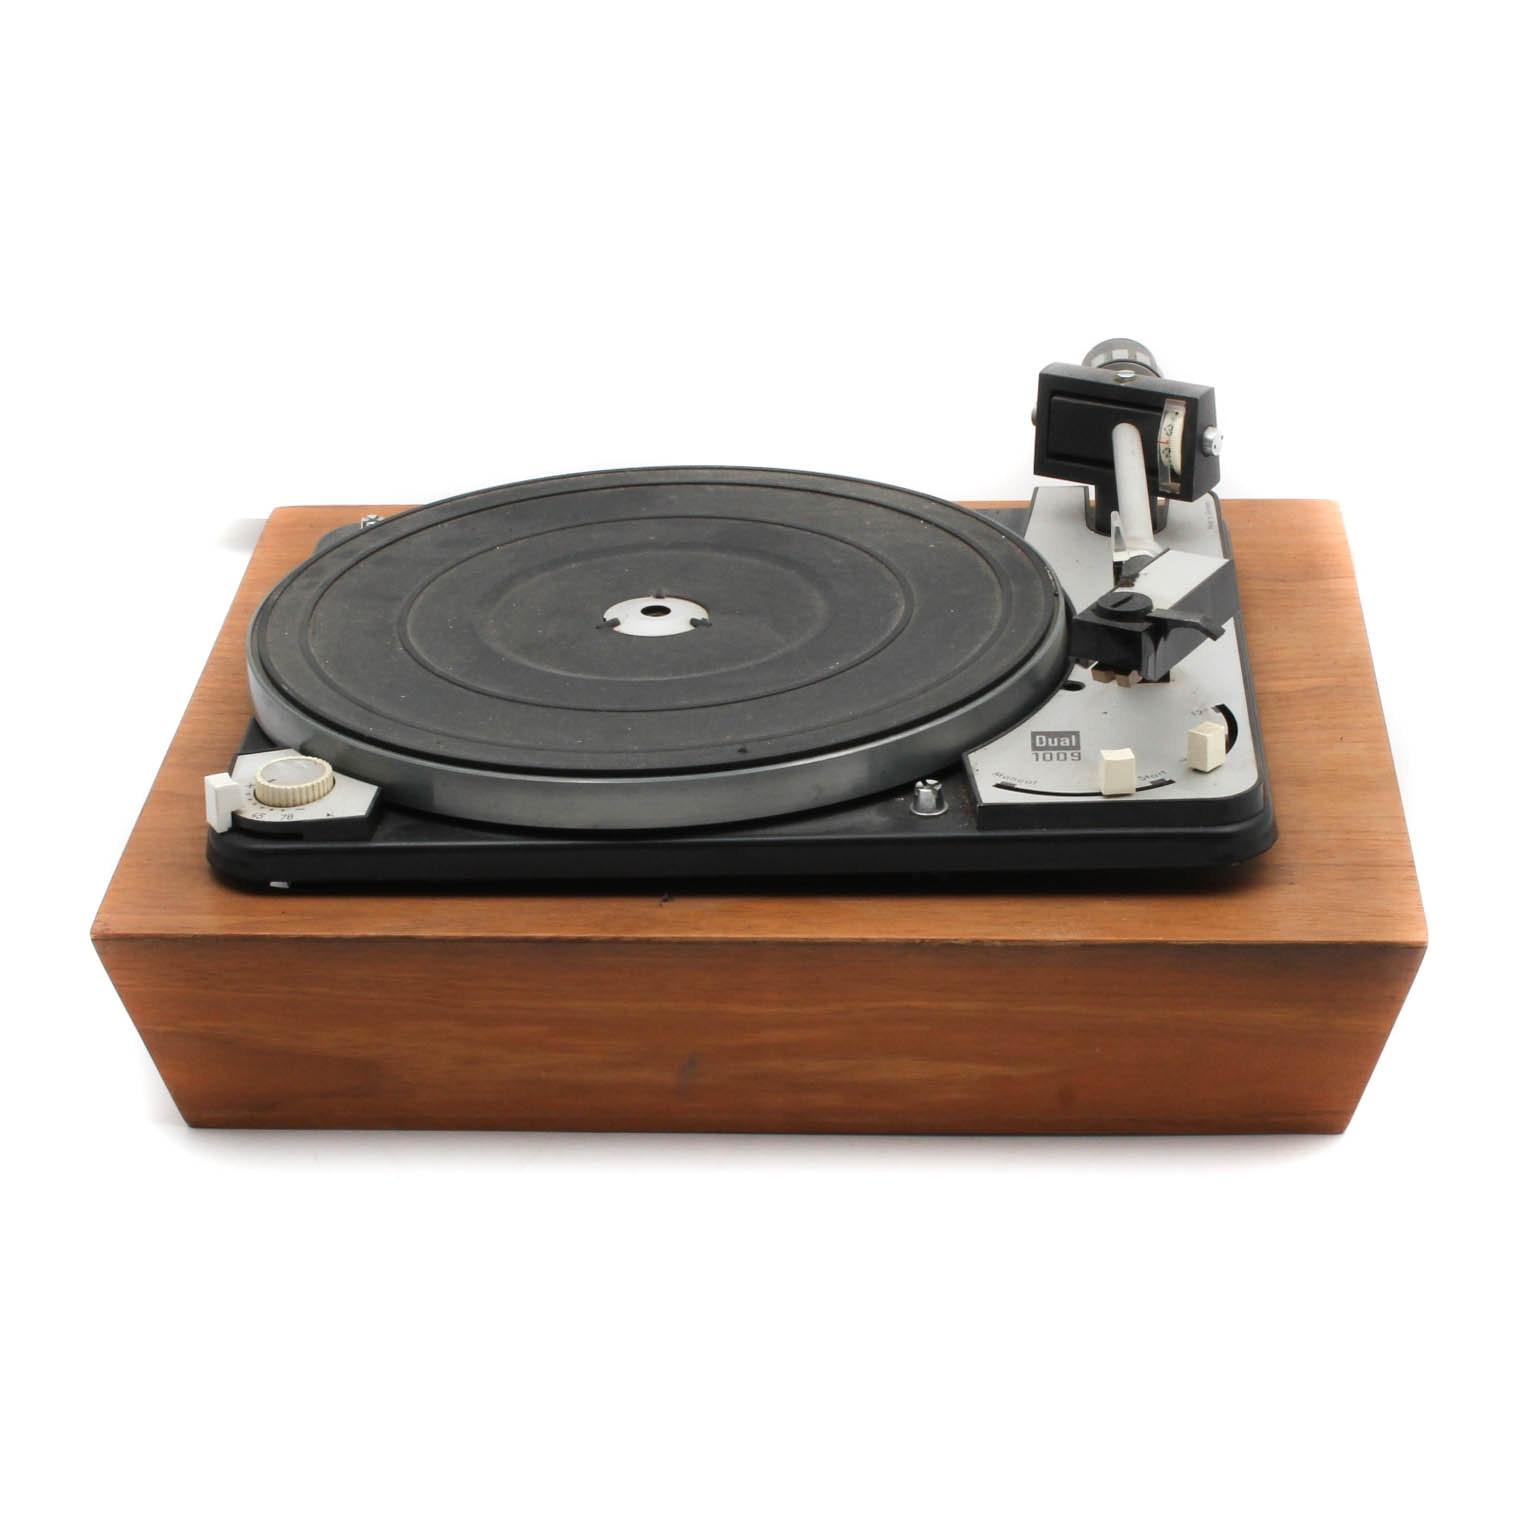 Vintage Dual 1009 Turntable